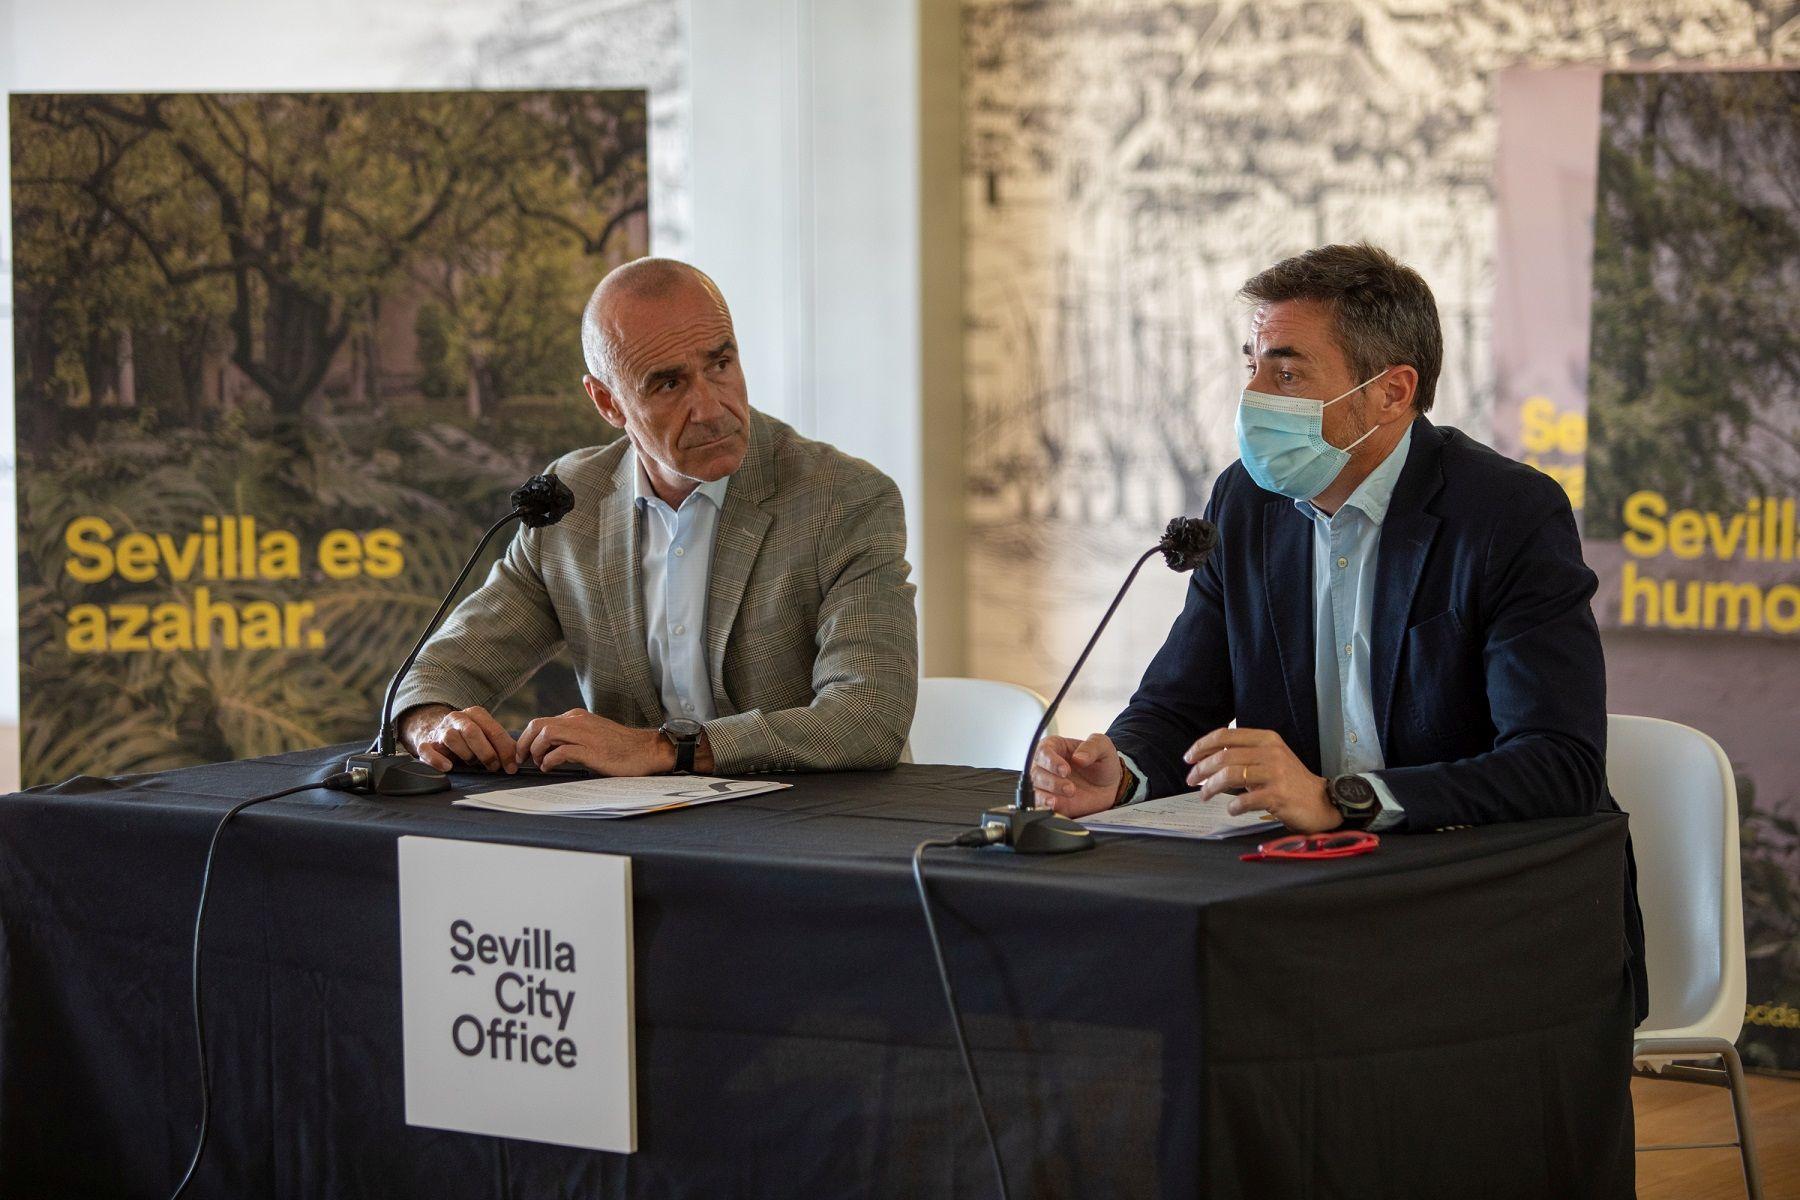 En este momento estás viendo FIBES ya ha cerrado 28 congresos para lo que resta de 2021 y 2022, con un impacto económico en la ciudad de 54,3 millones de euros